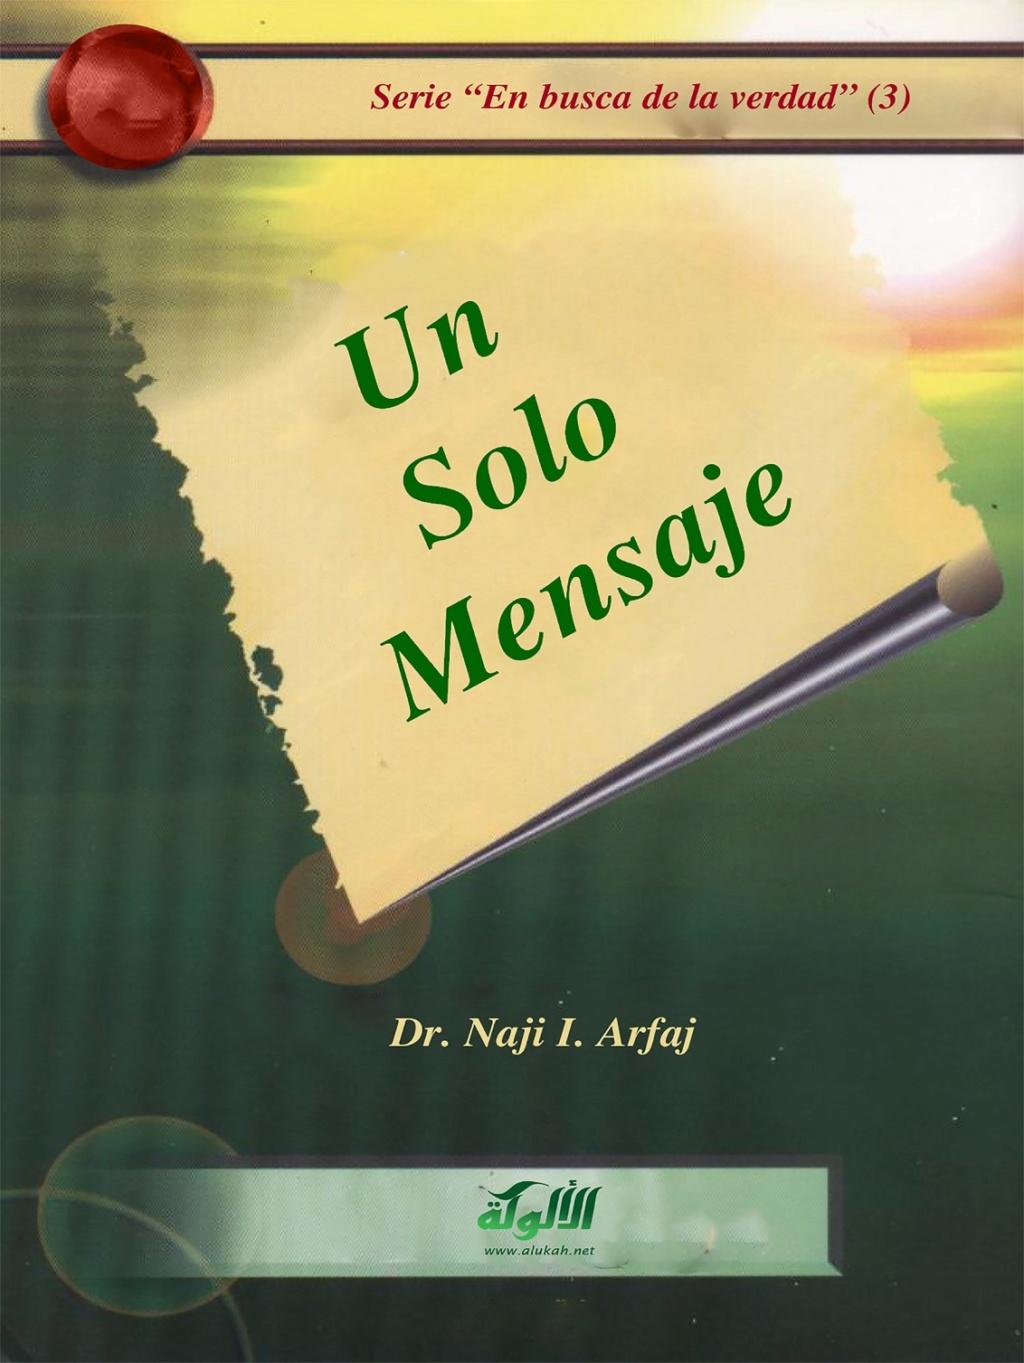 message one spanish Untit260